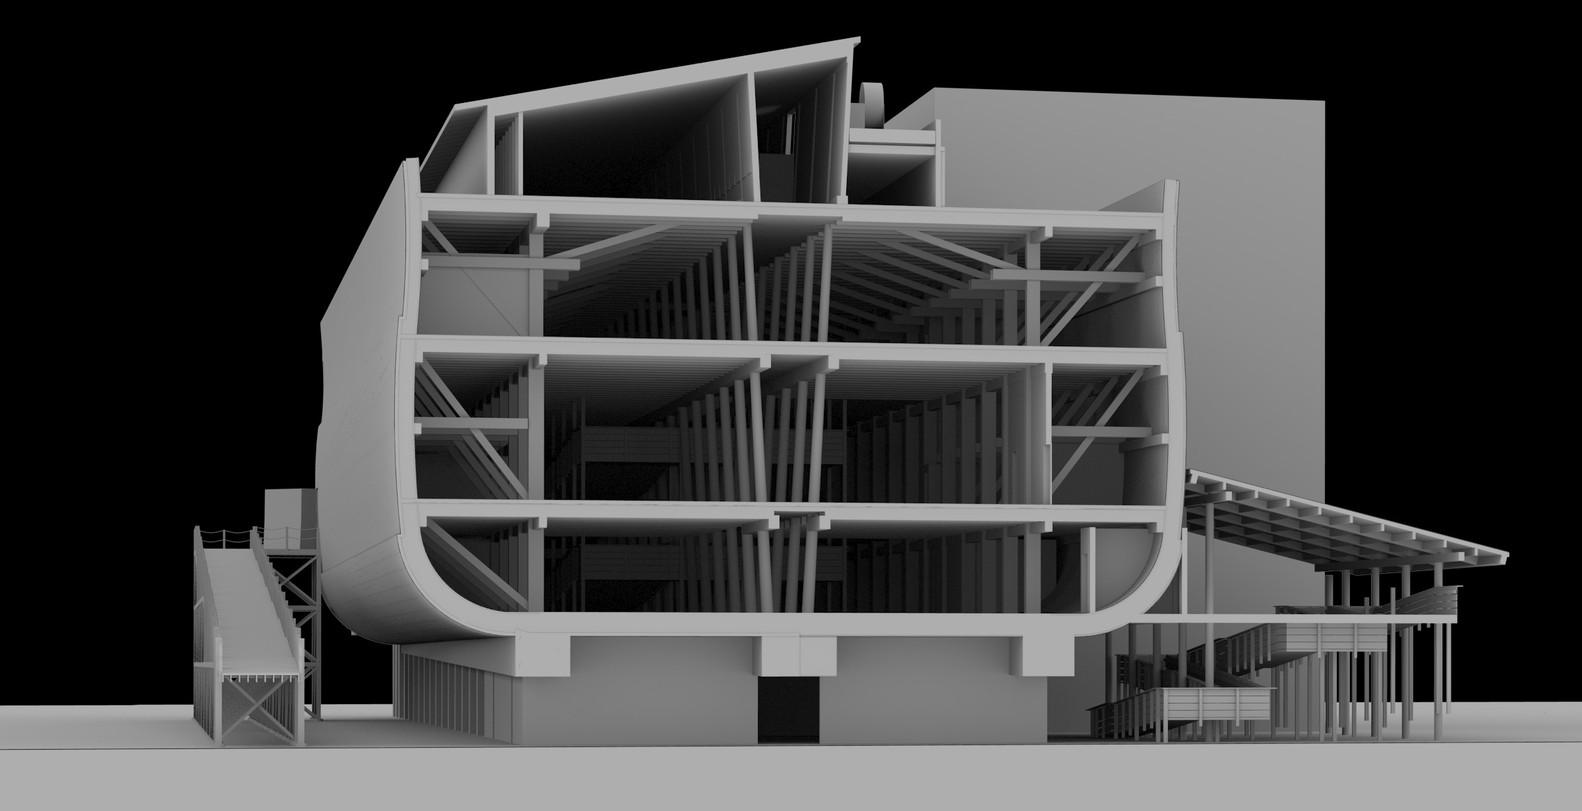 კიდობანი, მუზეუმი, გალერეა, ბლოგი, არქიტექტურა, Qwelly